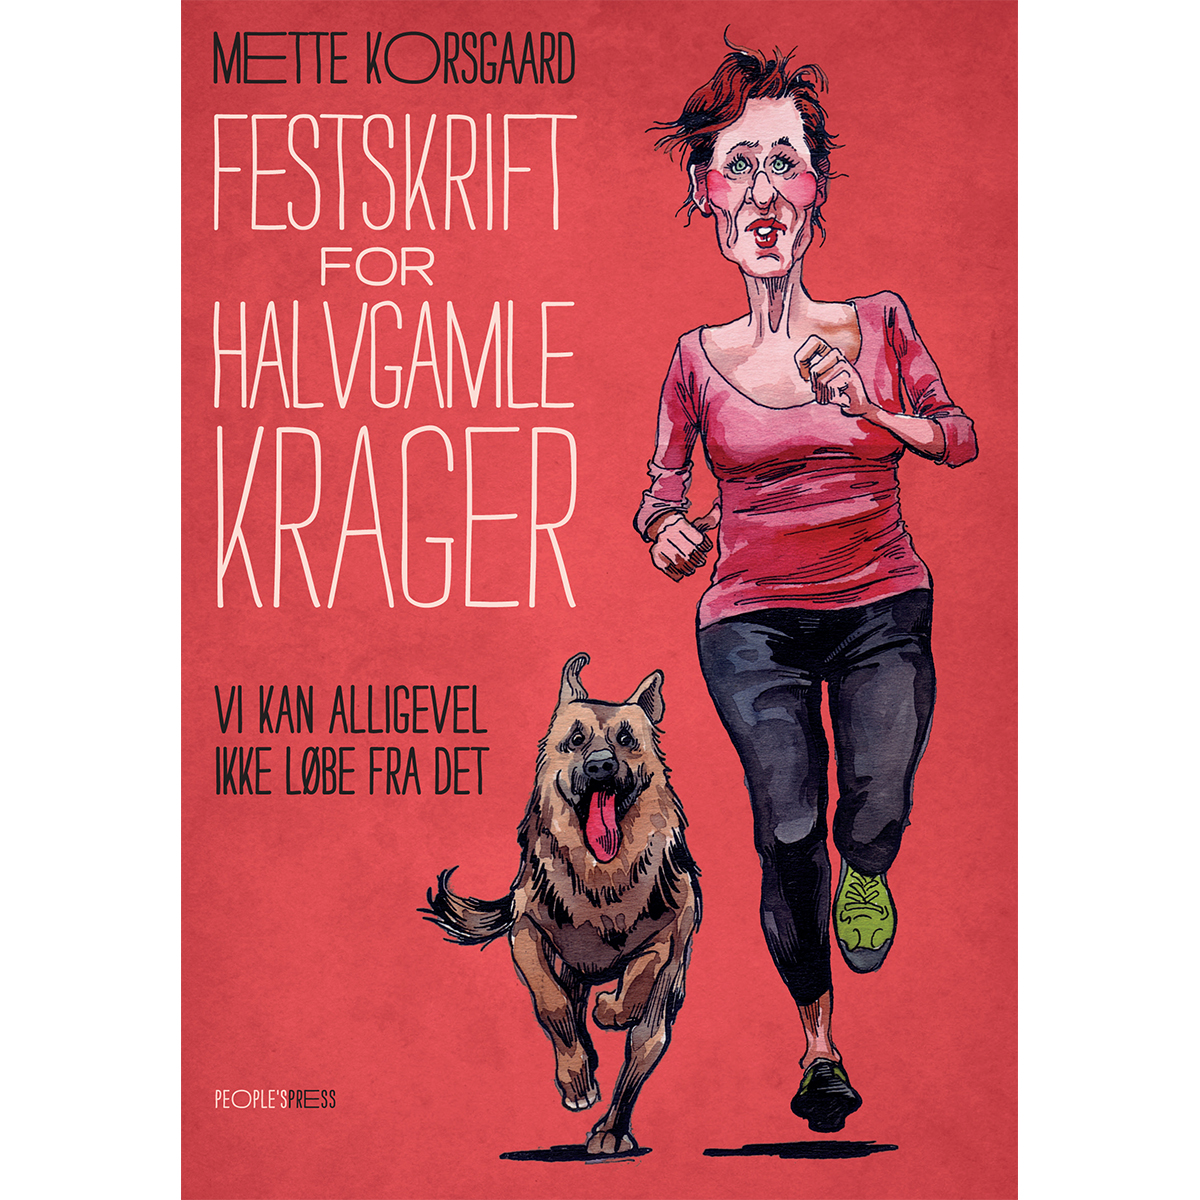 Image of   Festskrift for halvgamle krager - Hæftet